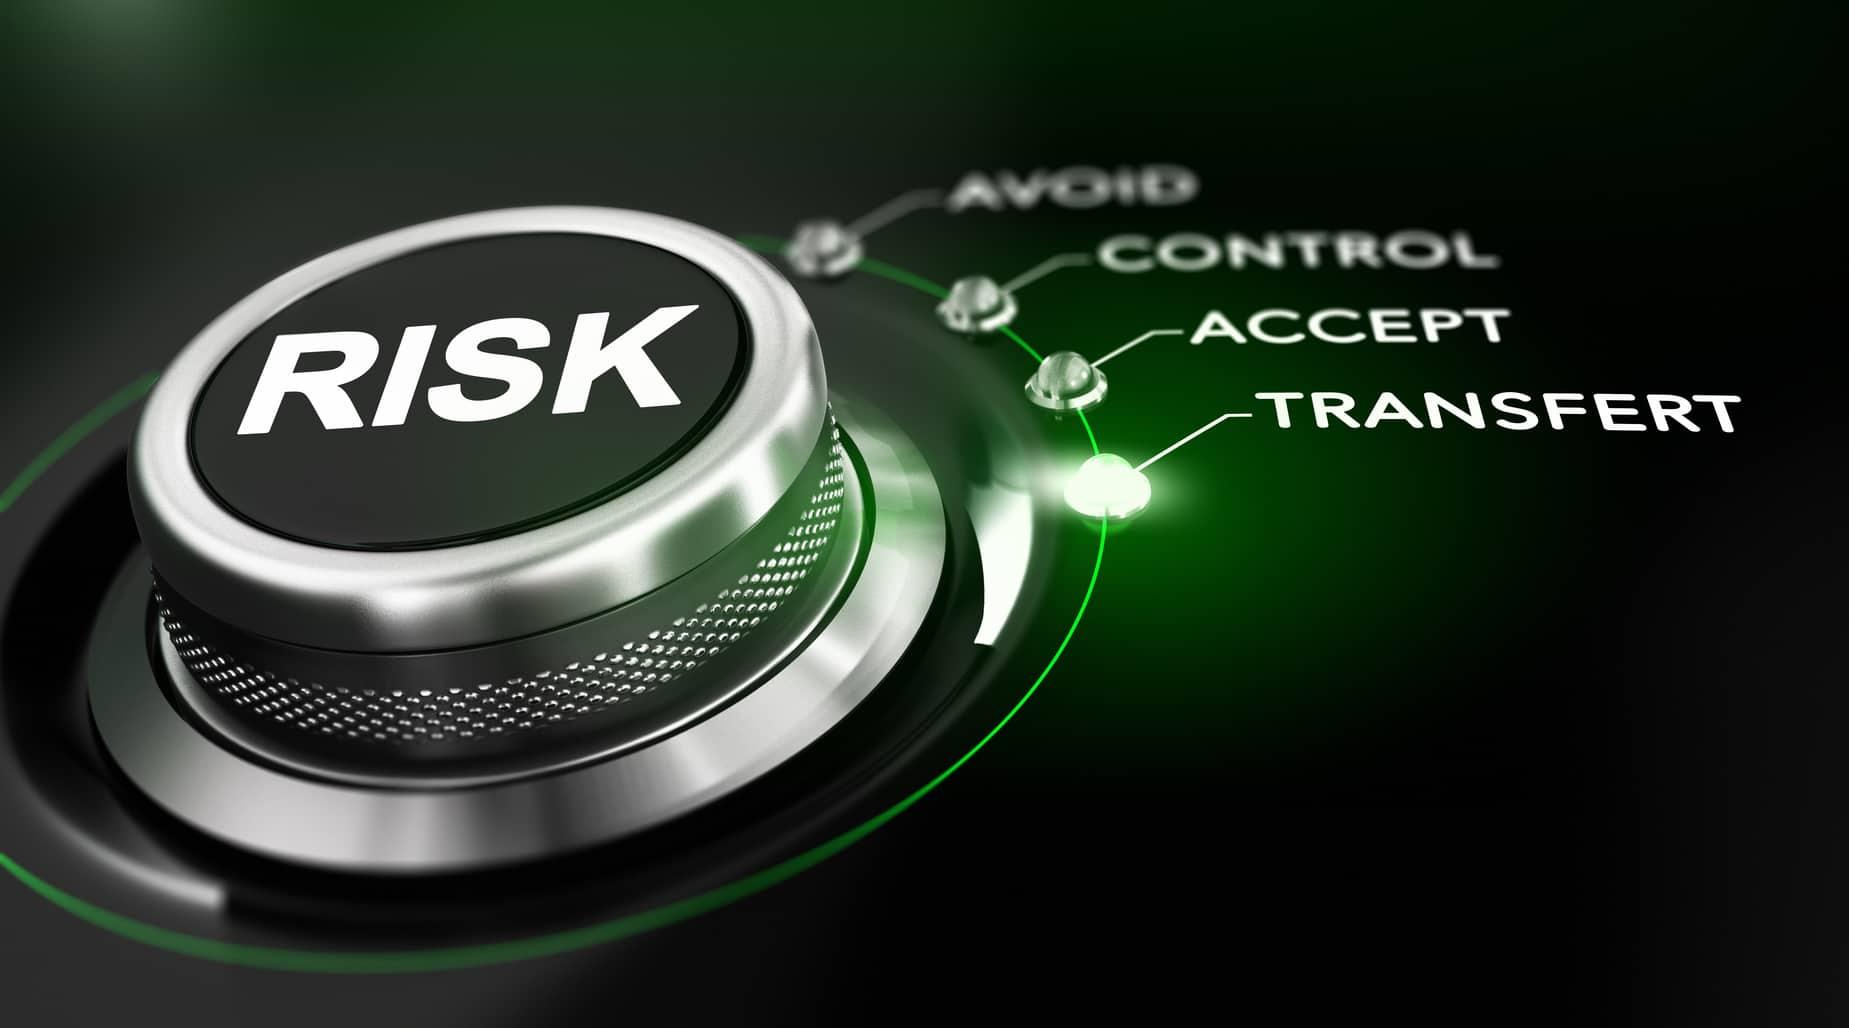 Wertpapierleihe ETF - Risiken verstehen, kontrollieren und akzeptieren